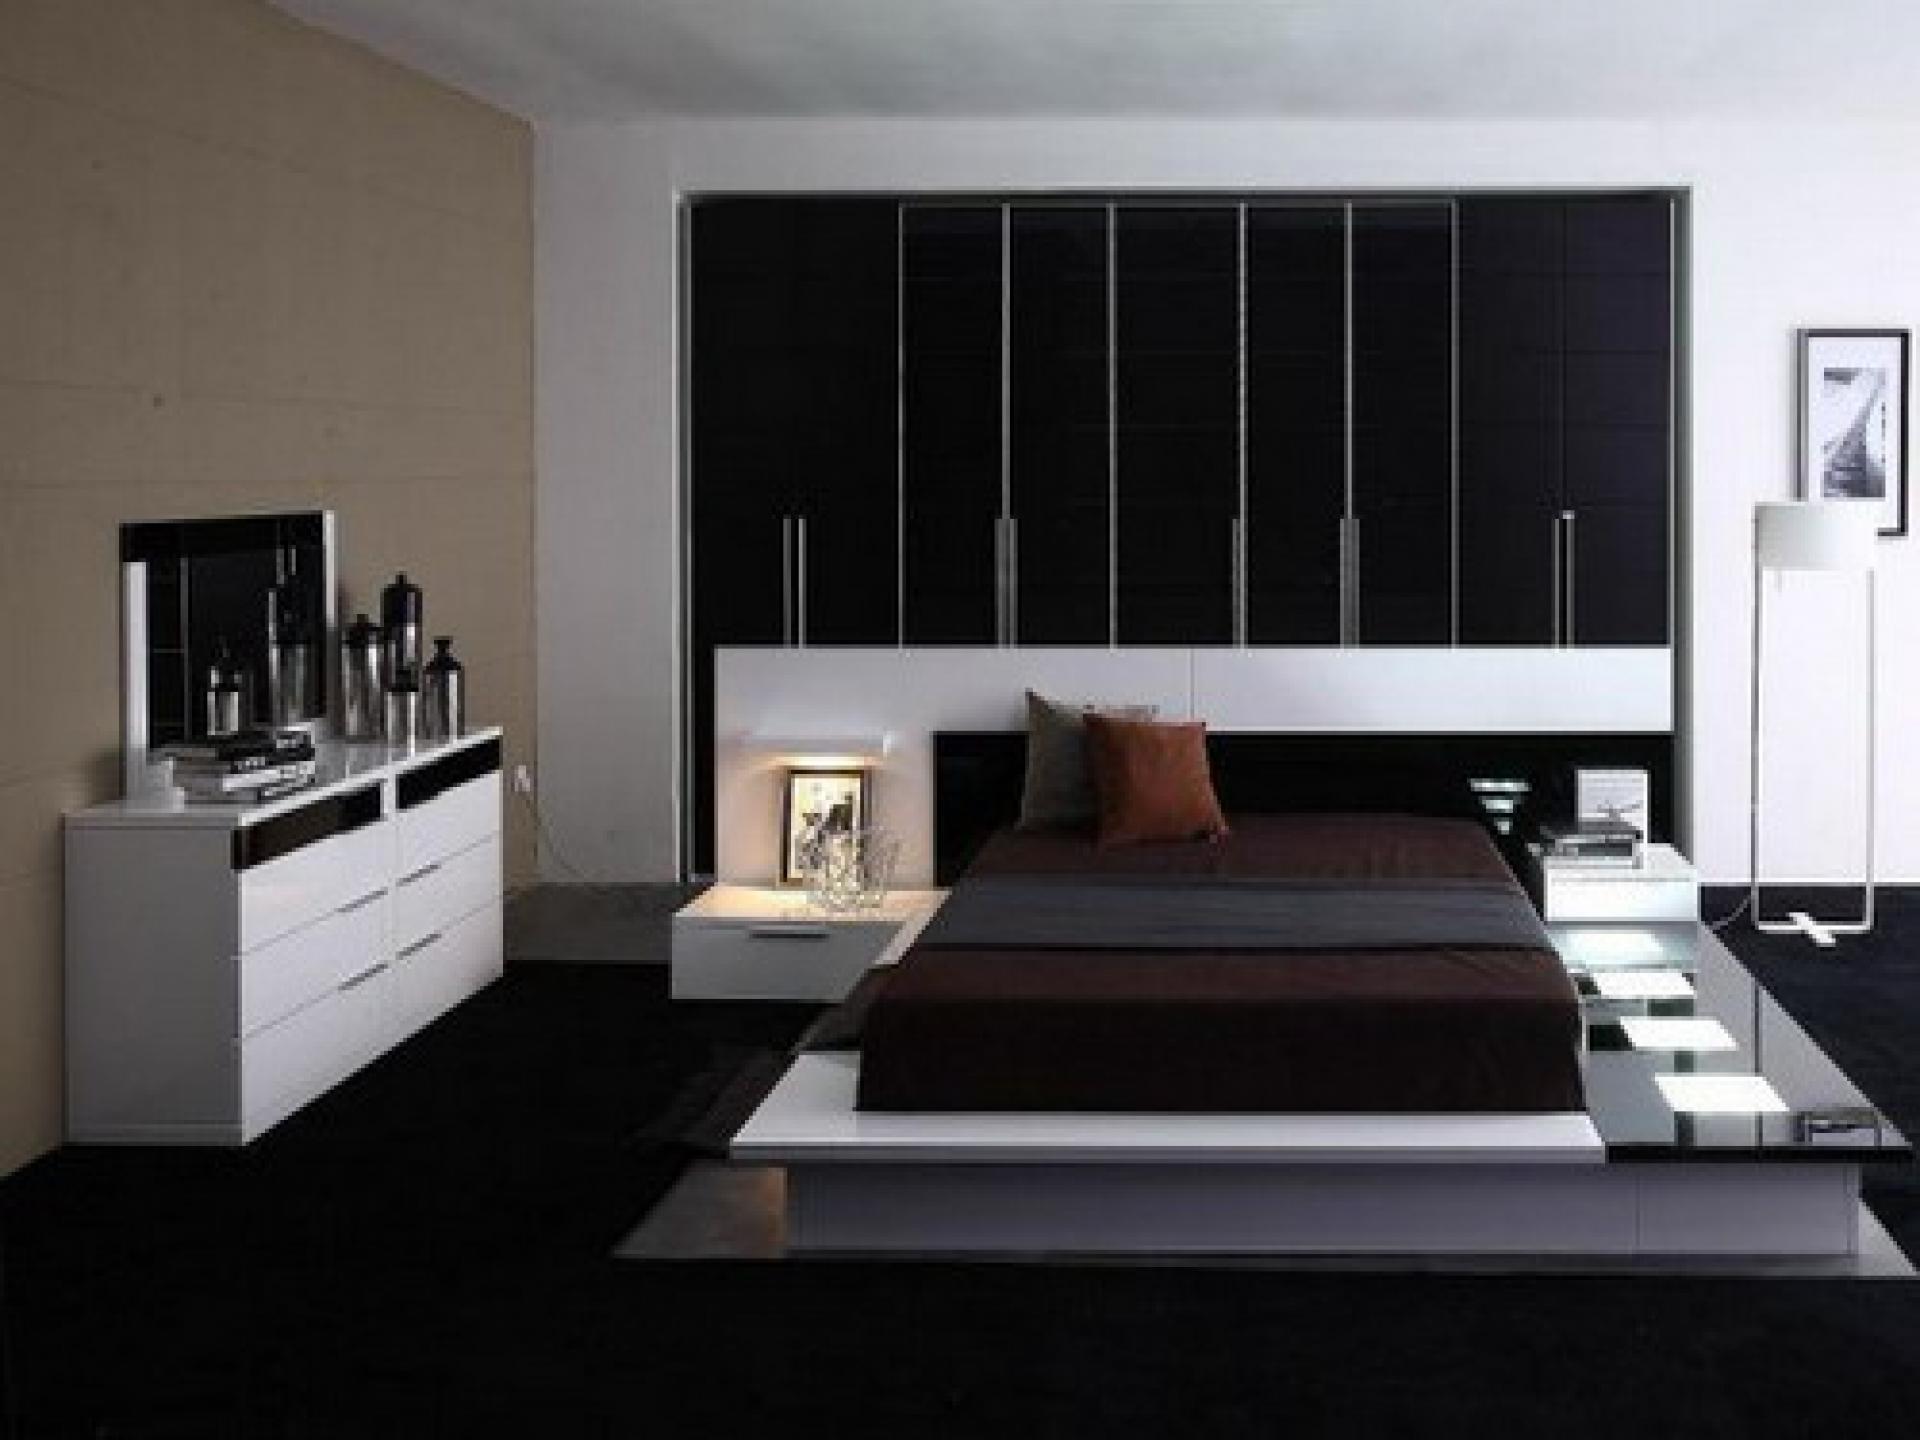 vidunderlige-hjem-interiør-værelses-design-ideer-med-dragende-brun-madras-og-moderne-hvid-træ-skænk-nær-elegant-runde-tromme-gulv-lamper-som-godt-som-værelse designs-til-små-soveværelser-også-værelses